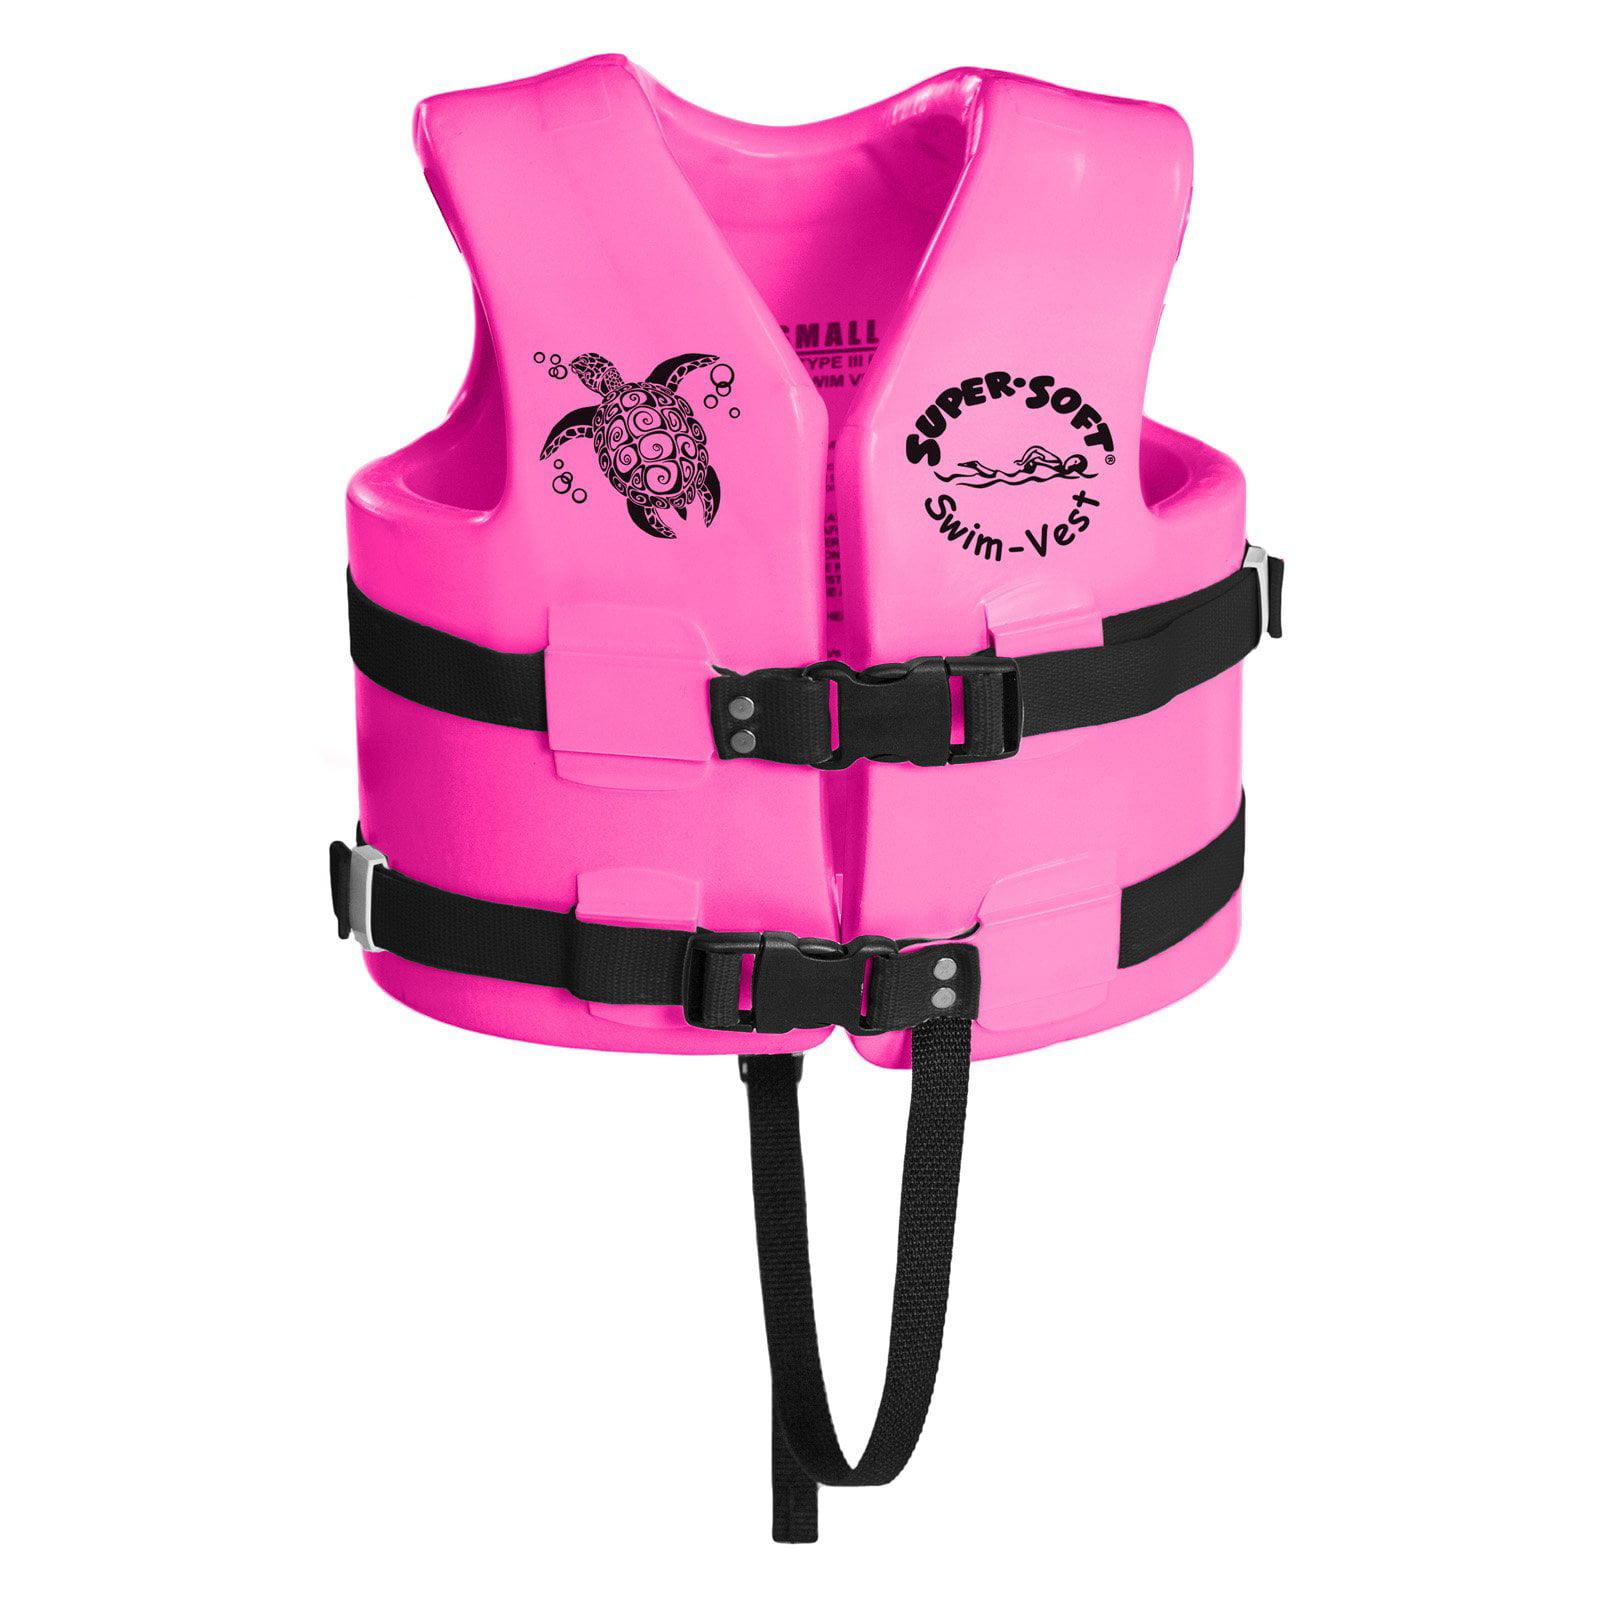 Trc Recreation Lp Child Life Vest